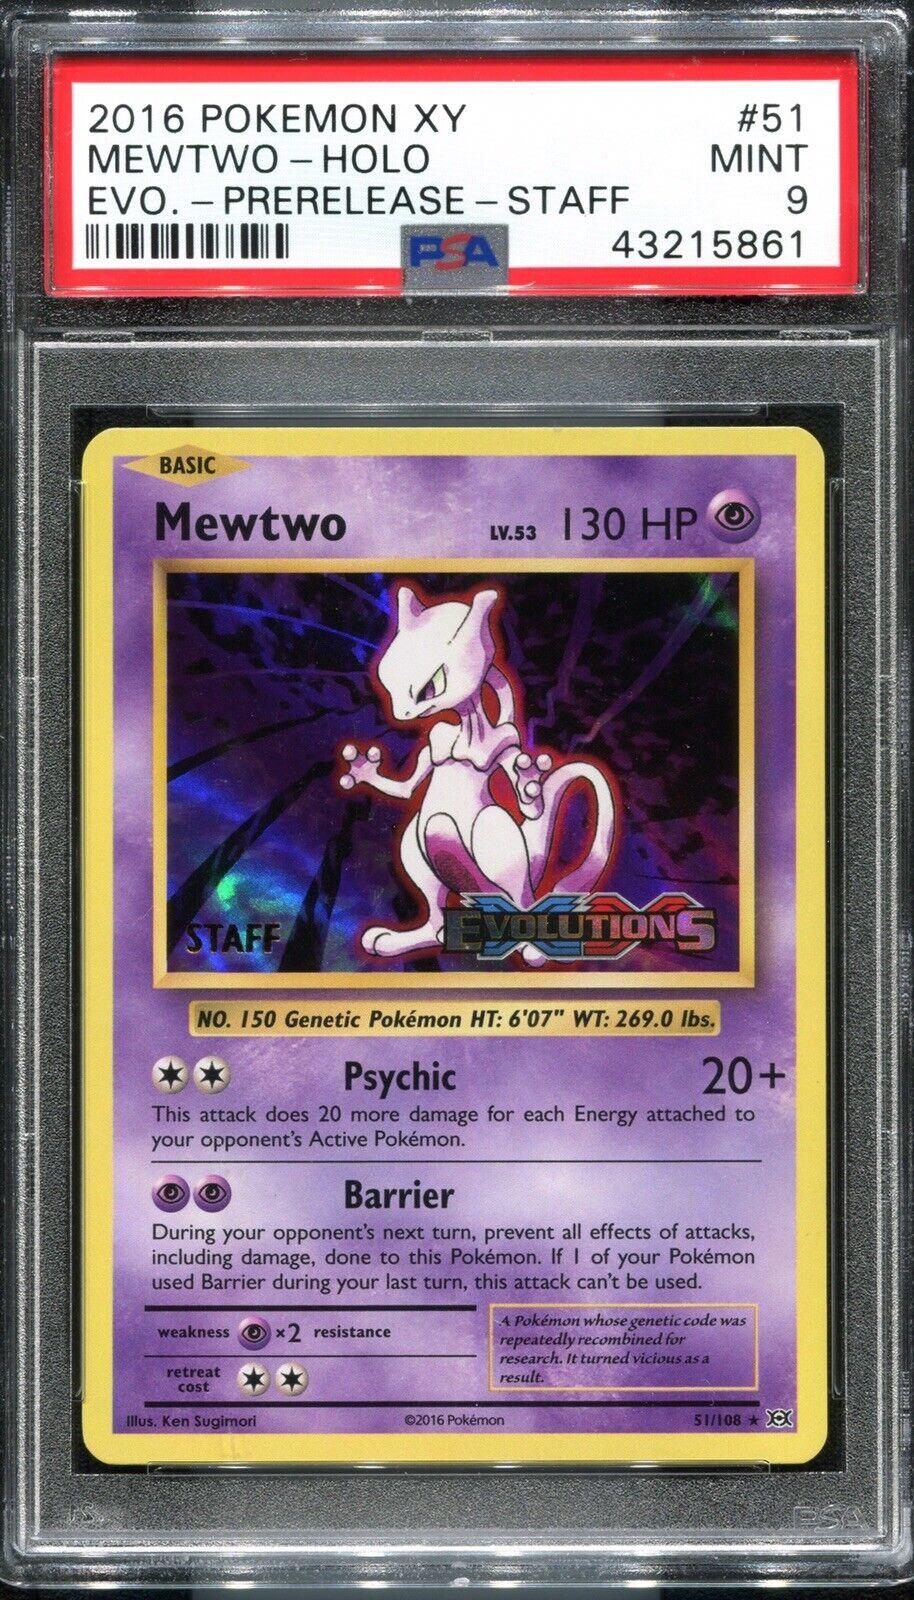 PSA 9 Mint Pokemon XY Evolutions Mewtwo Staff Prerelease Holo Rare Pokemon Card